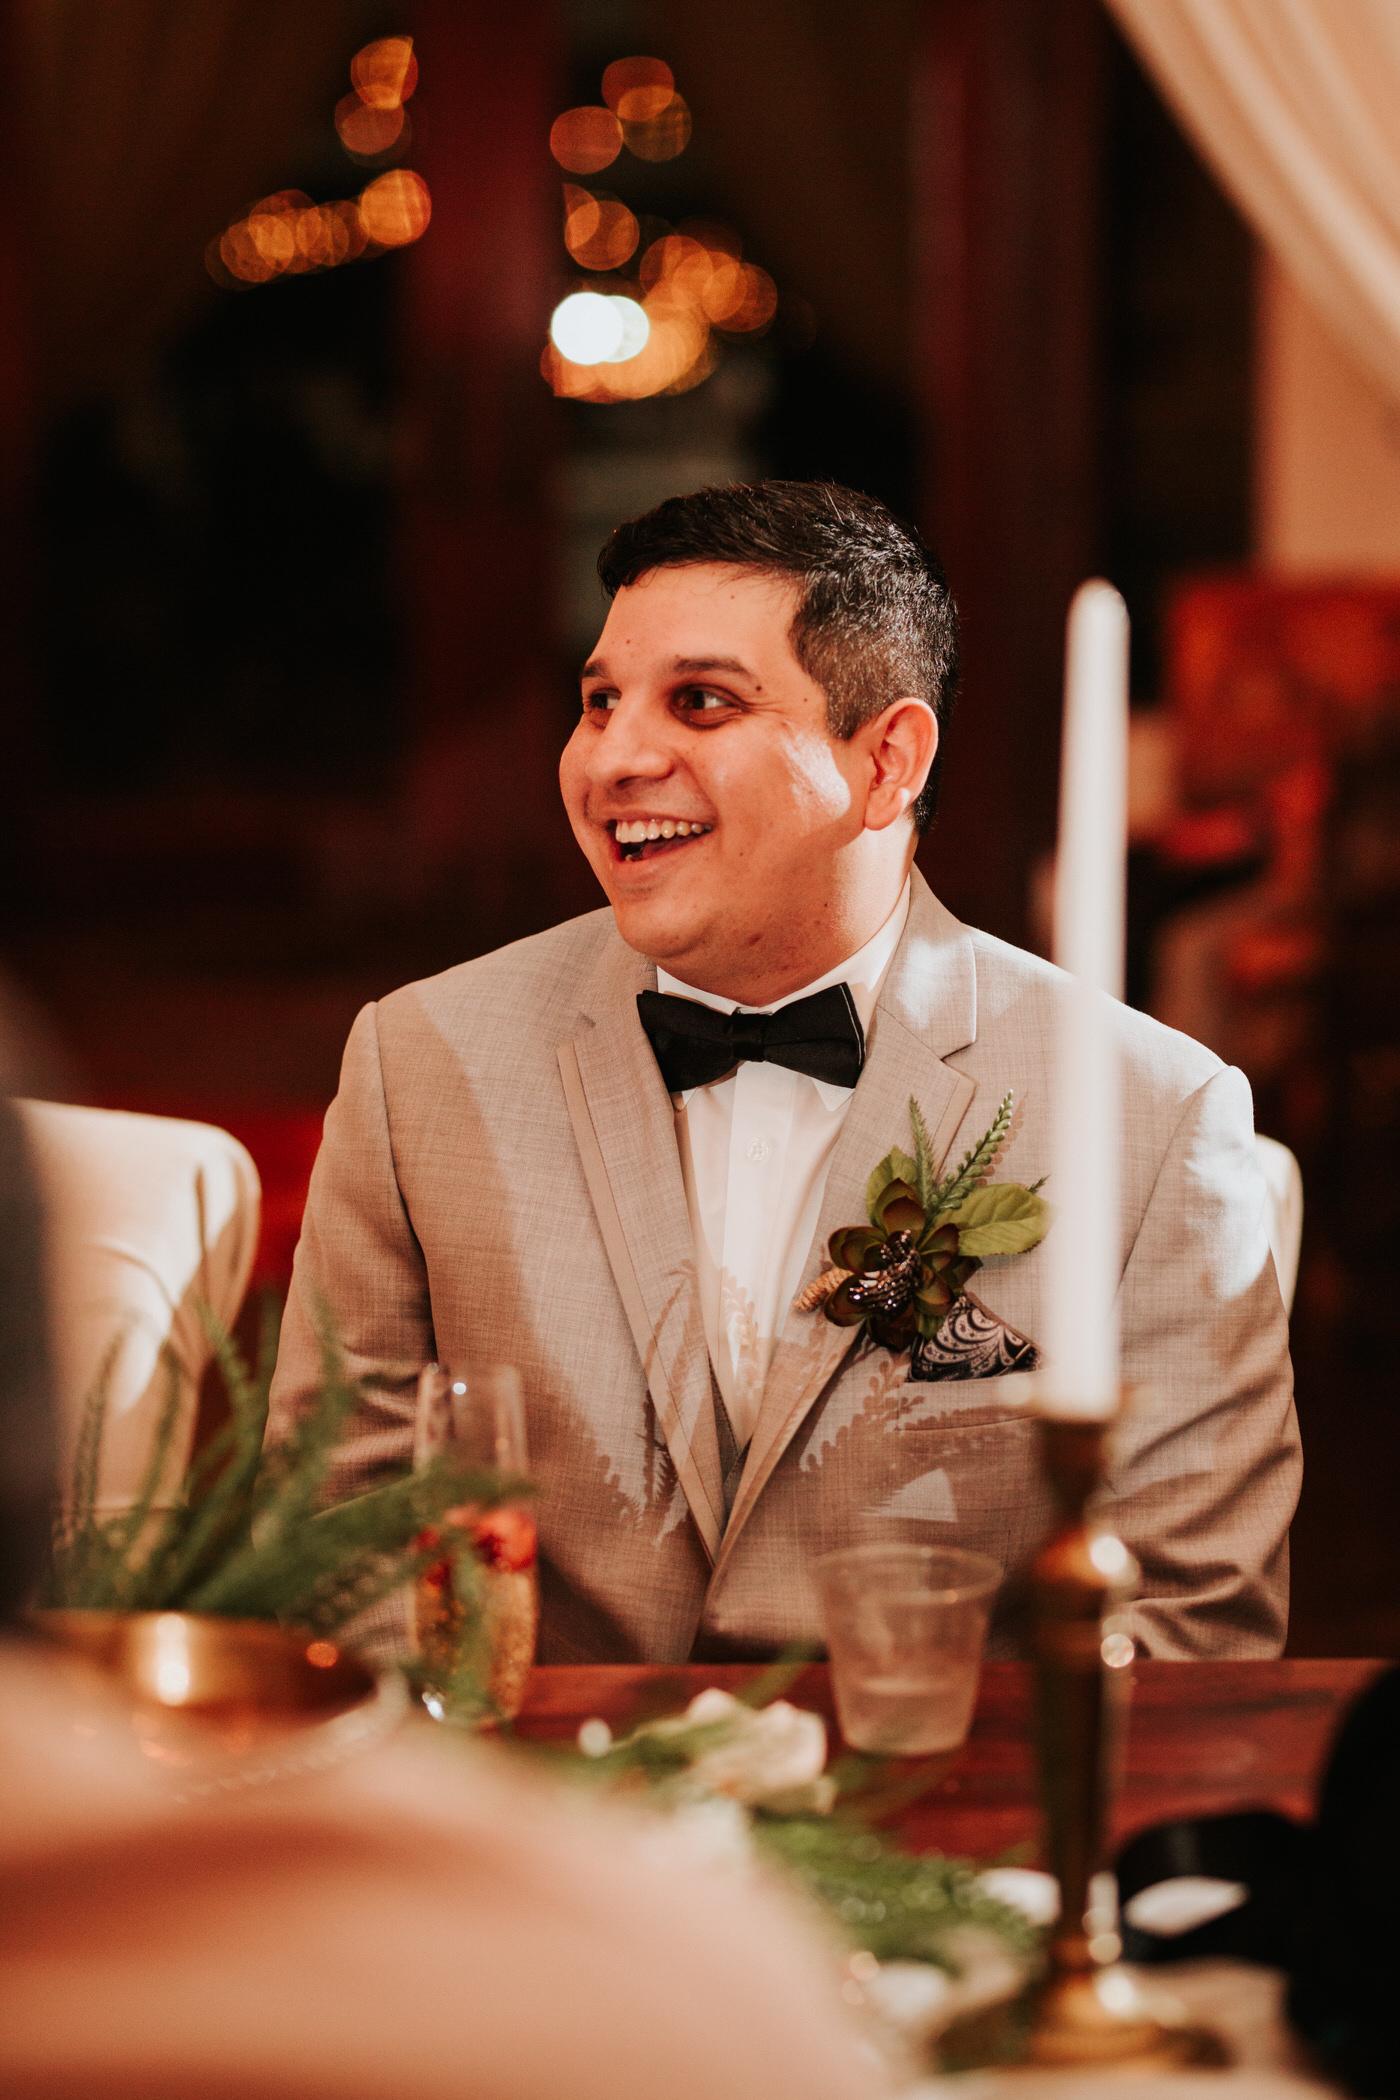 Groom at Pecan Springs Ranch wedding reception